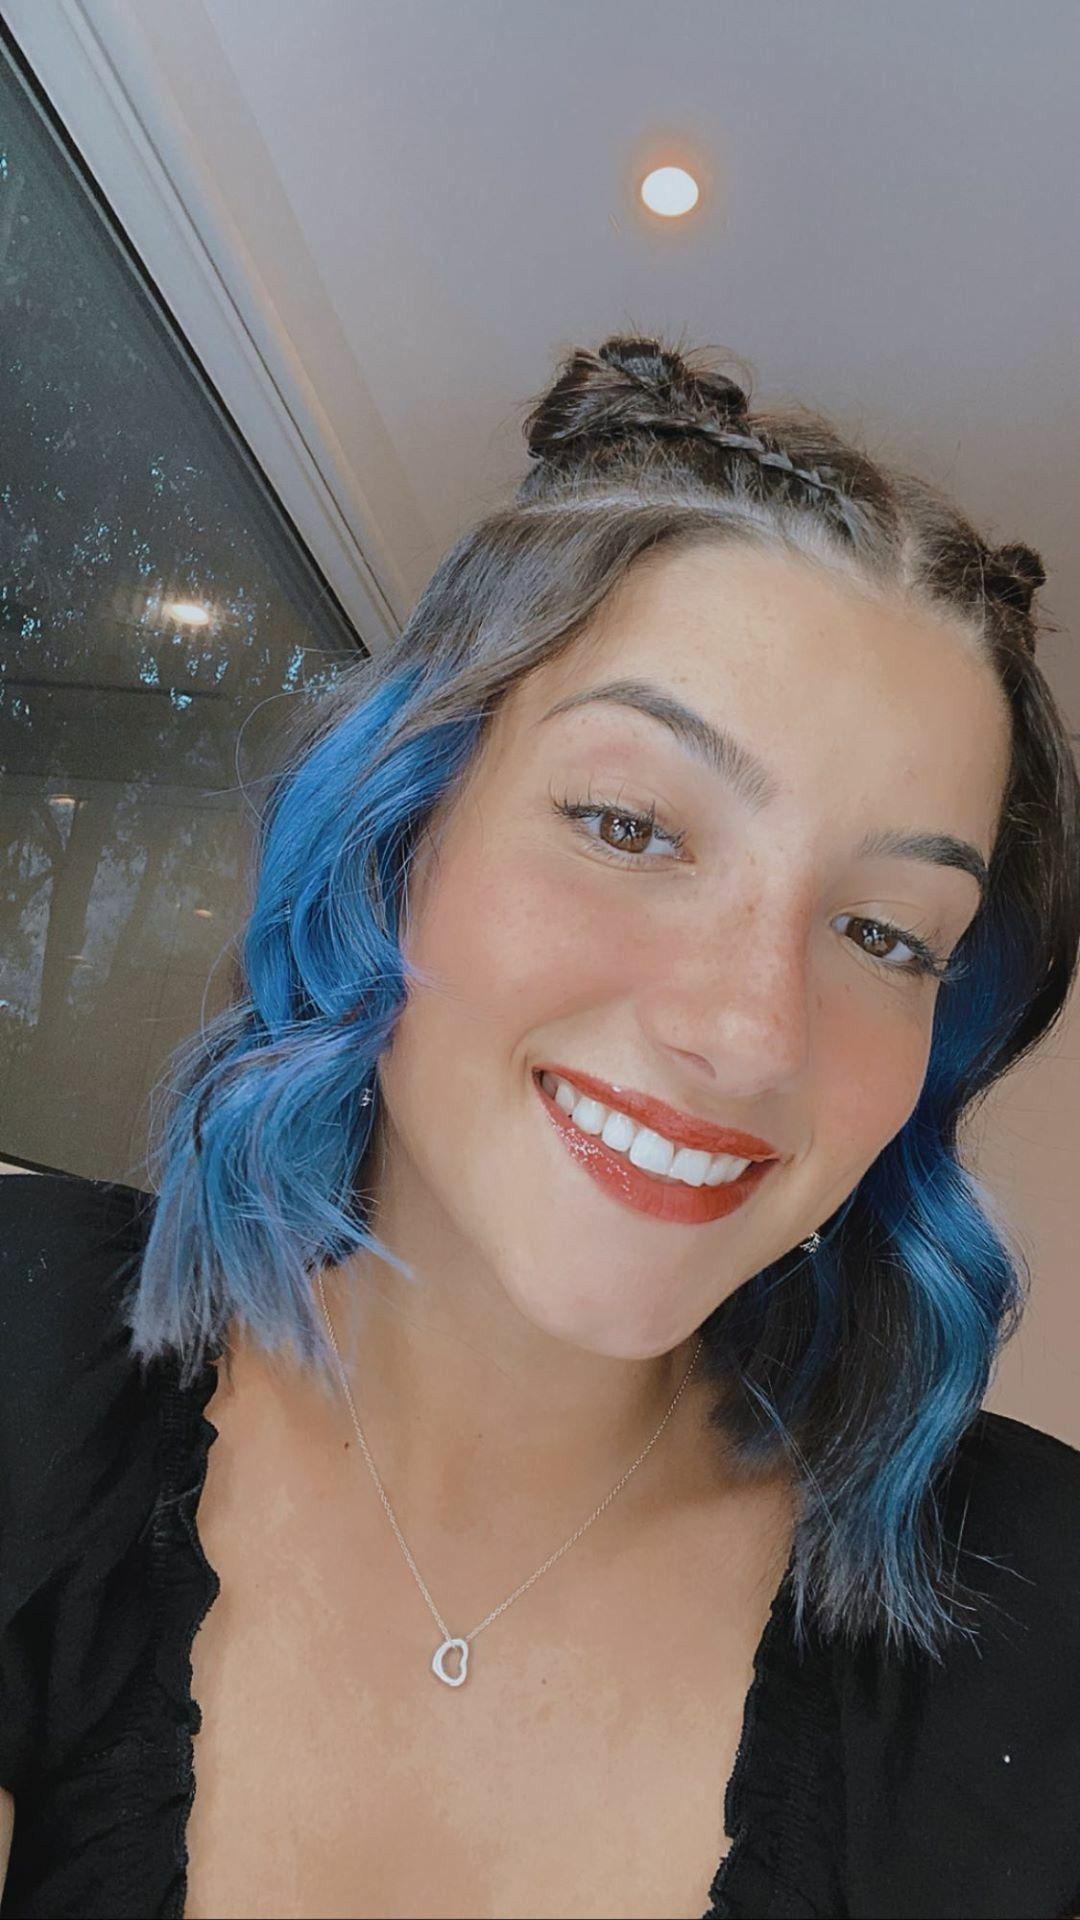 Charli D'amelio in 2020 | Hair color streaks, Hair inspo color, Aesthetic  hair